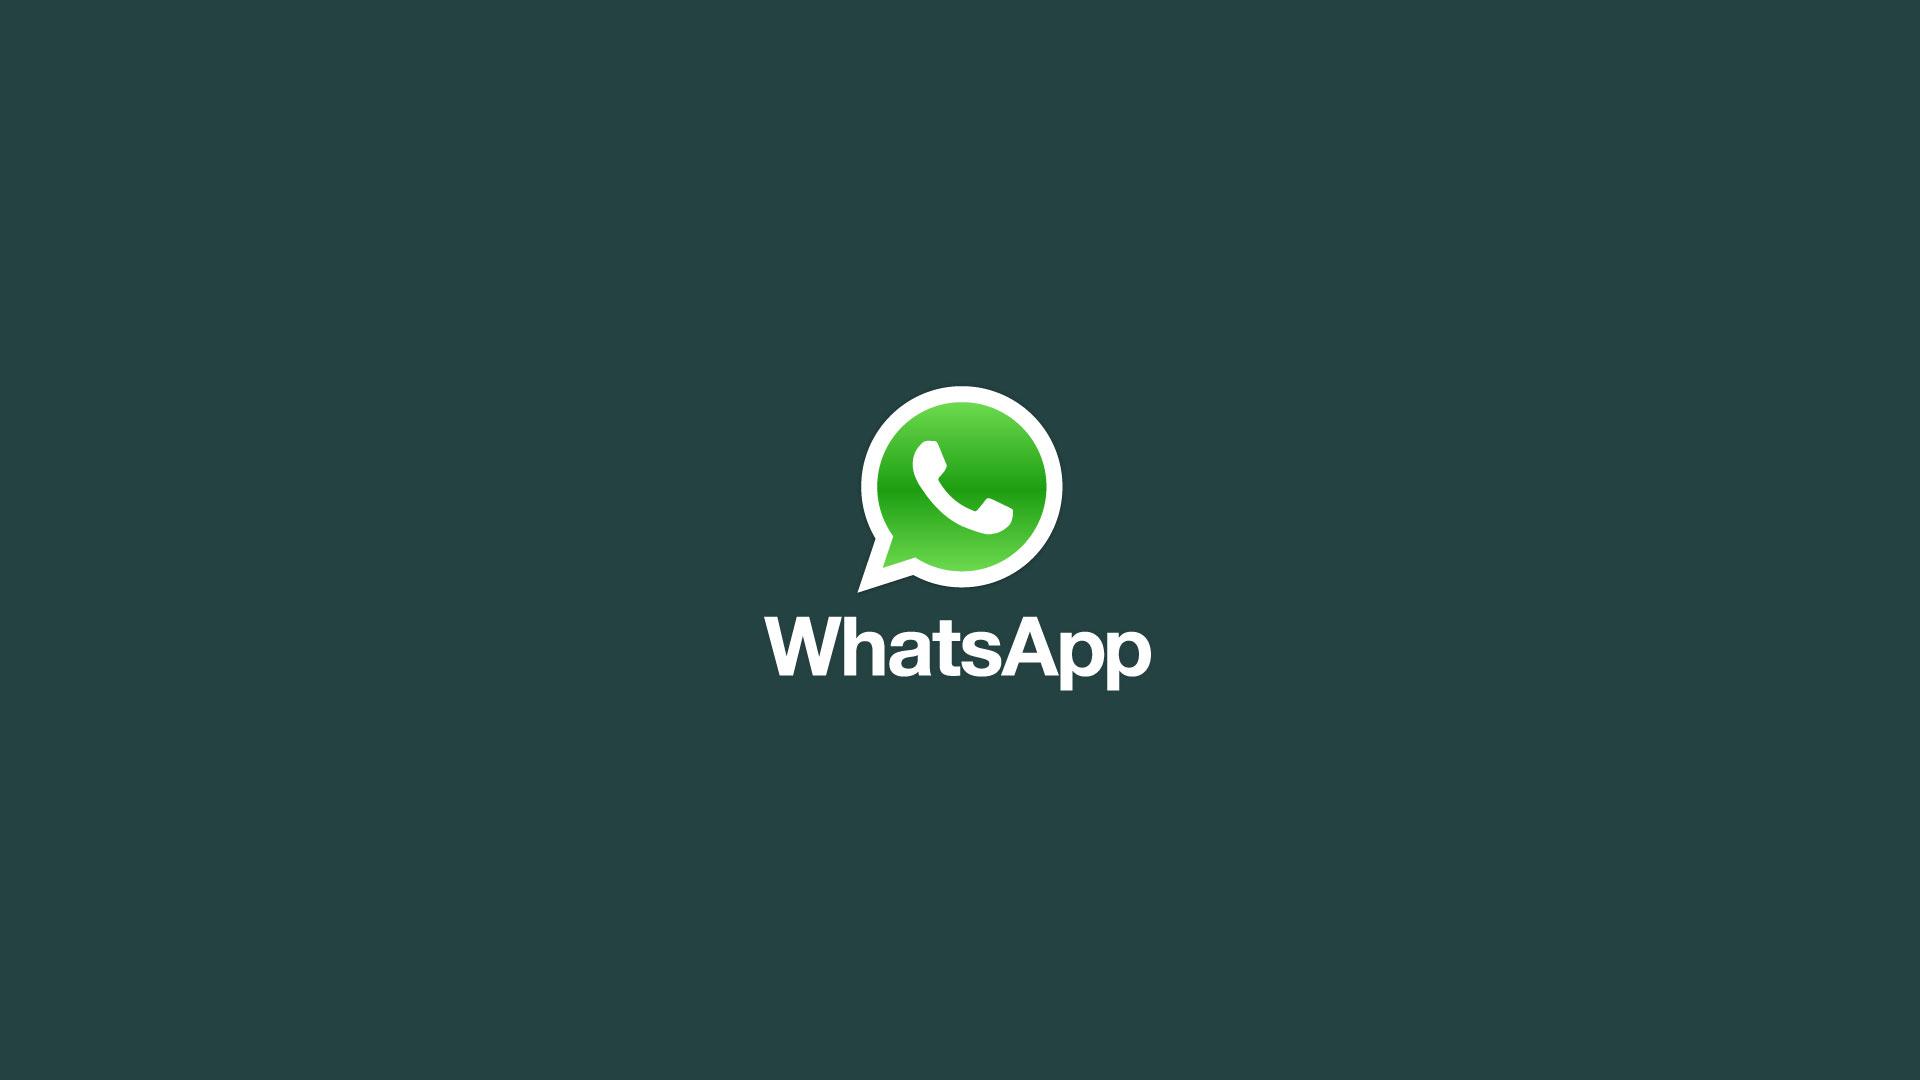 Tính năng WhatsApp mới cho bạn biết số lần ...